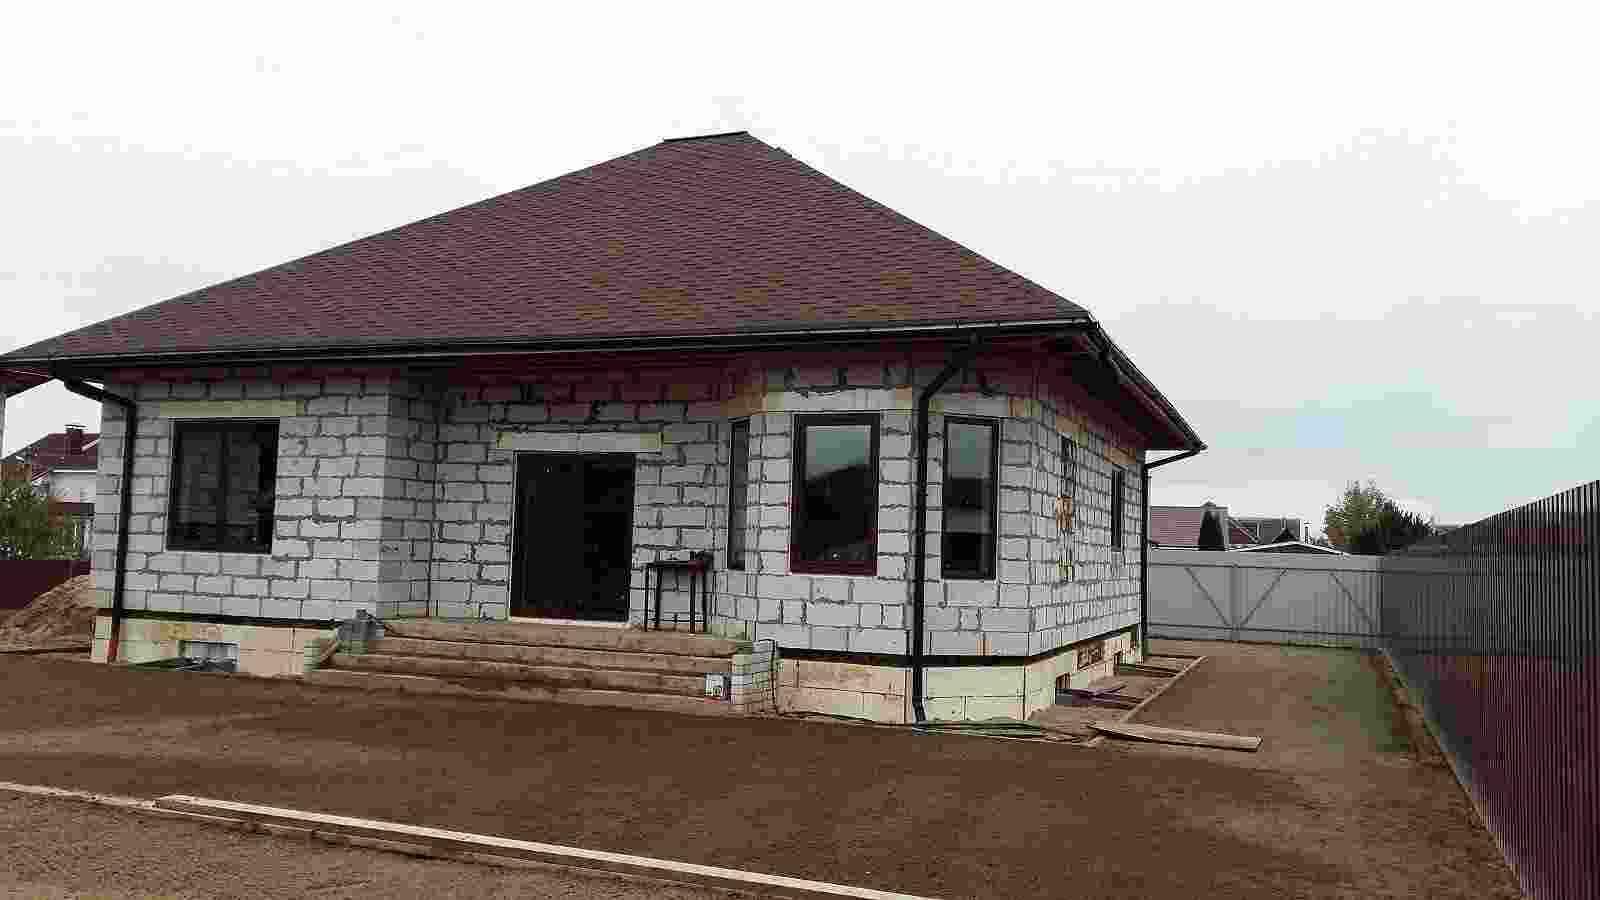 Недостроенный коттедж,10 соток земли, гараж, баня,летняя кухня. Фото